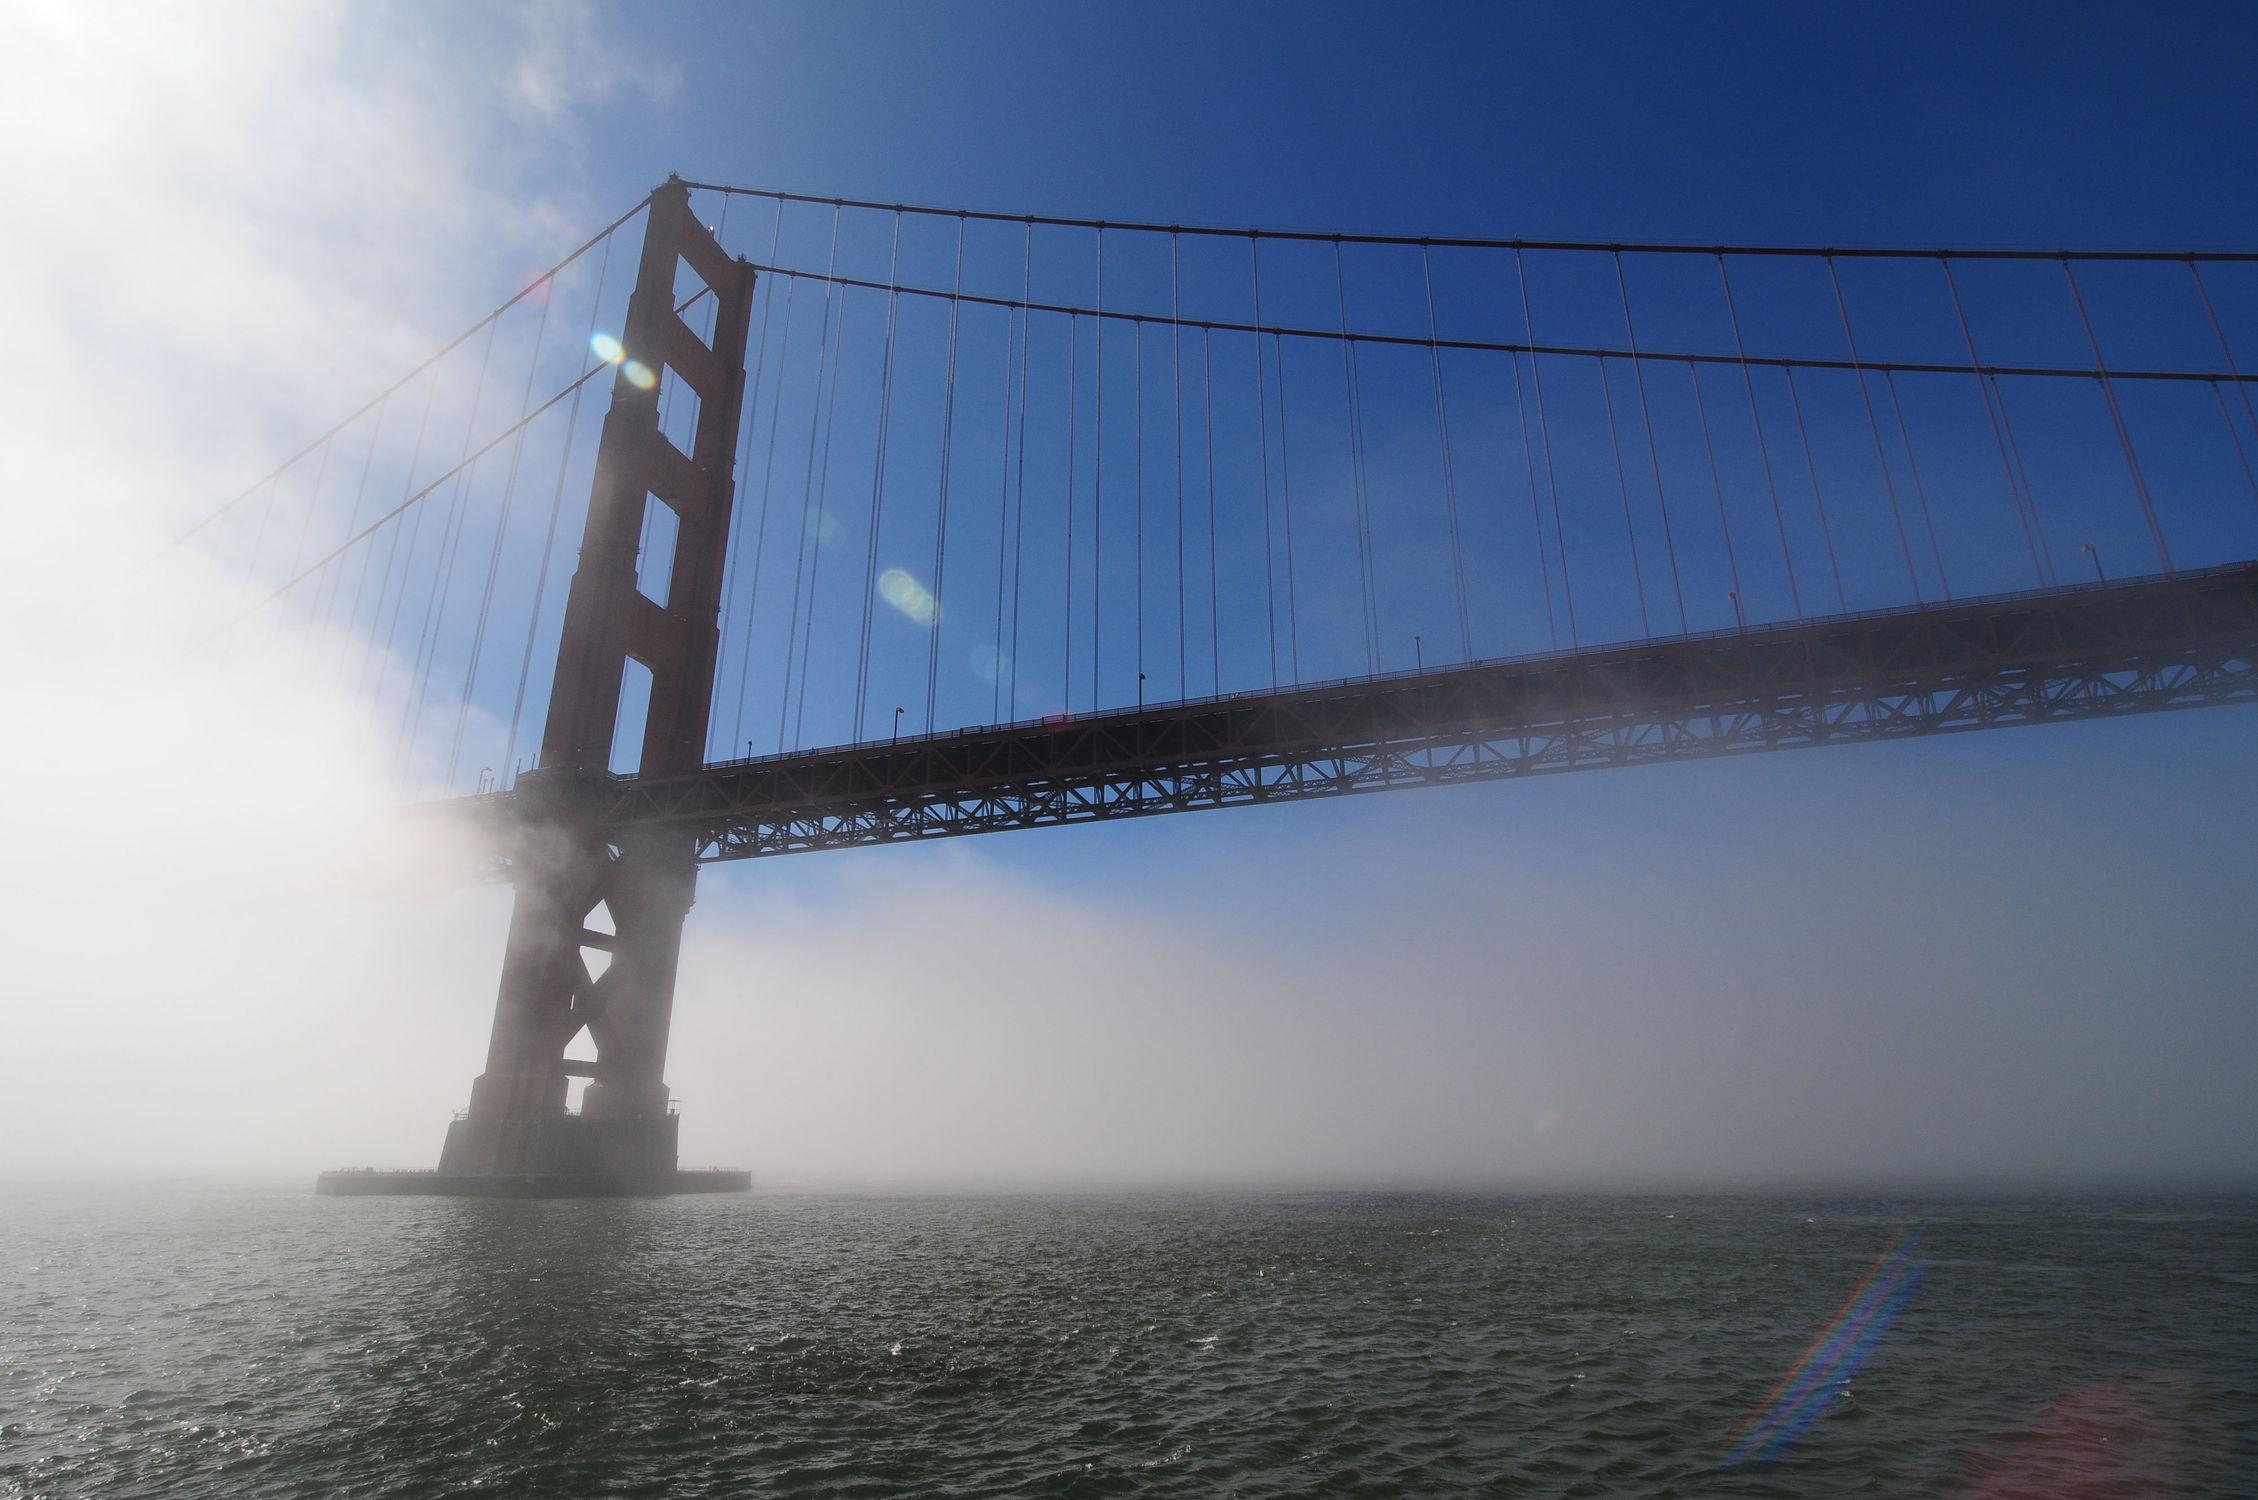 Bild mit Landschaften, Brücken, Landschaft, Brücke, landscape